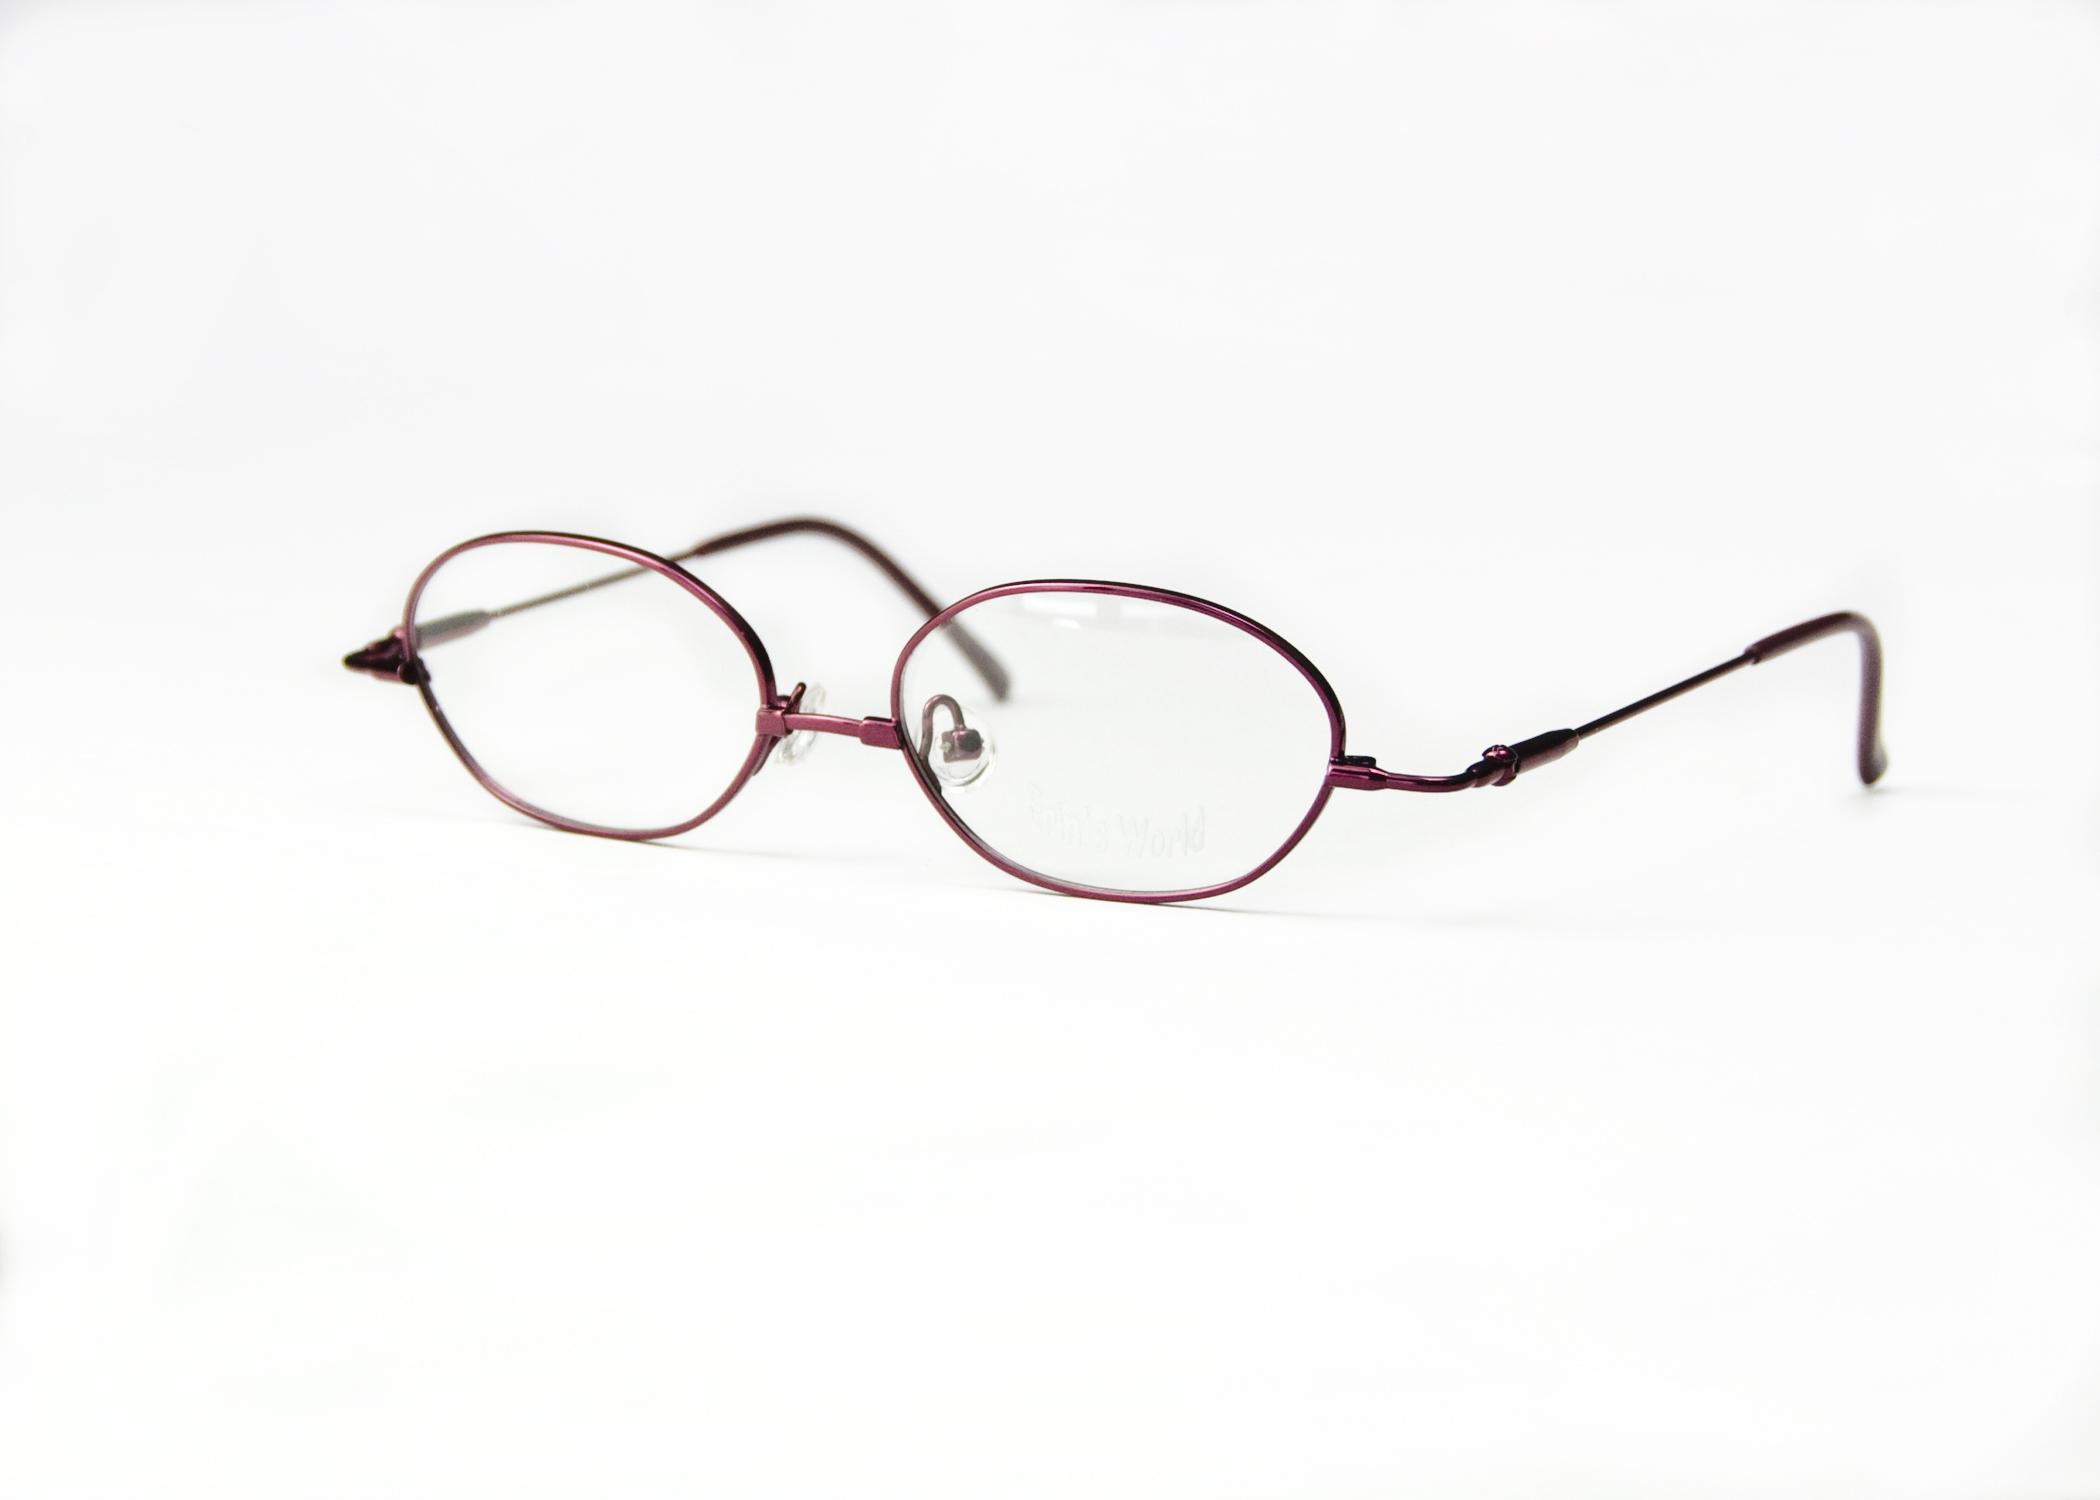 011048dceda Eyewear for Kids - Girl 8-10 years - Optiwow